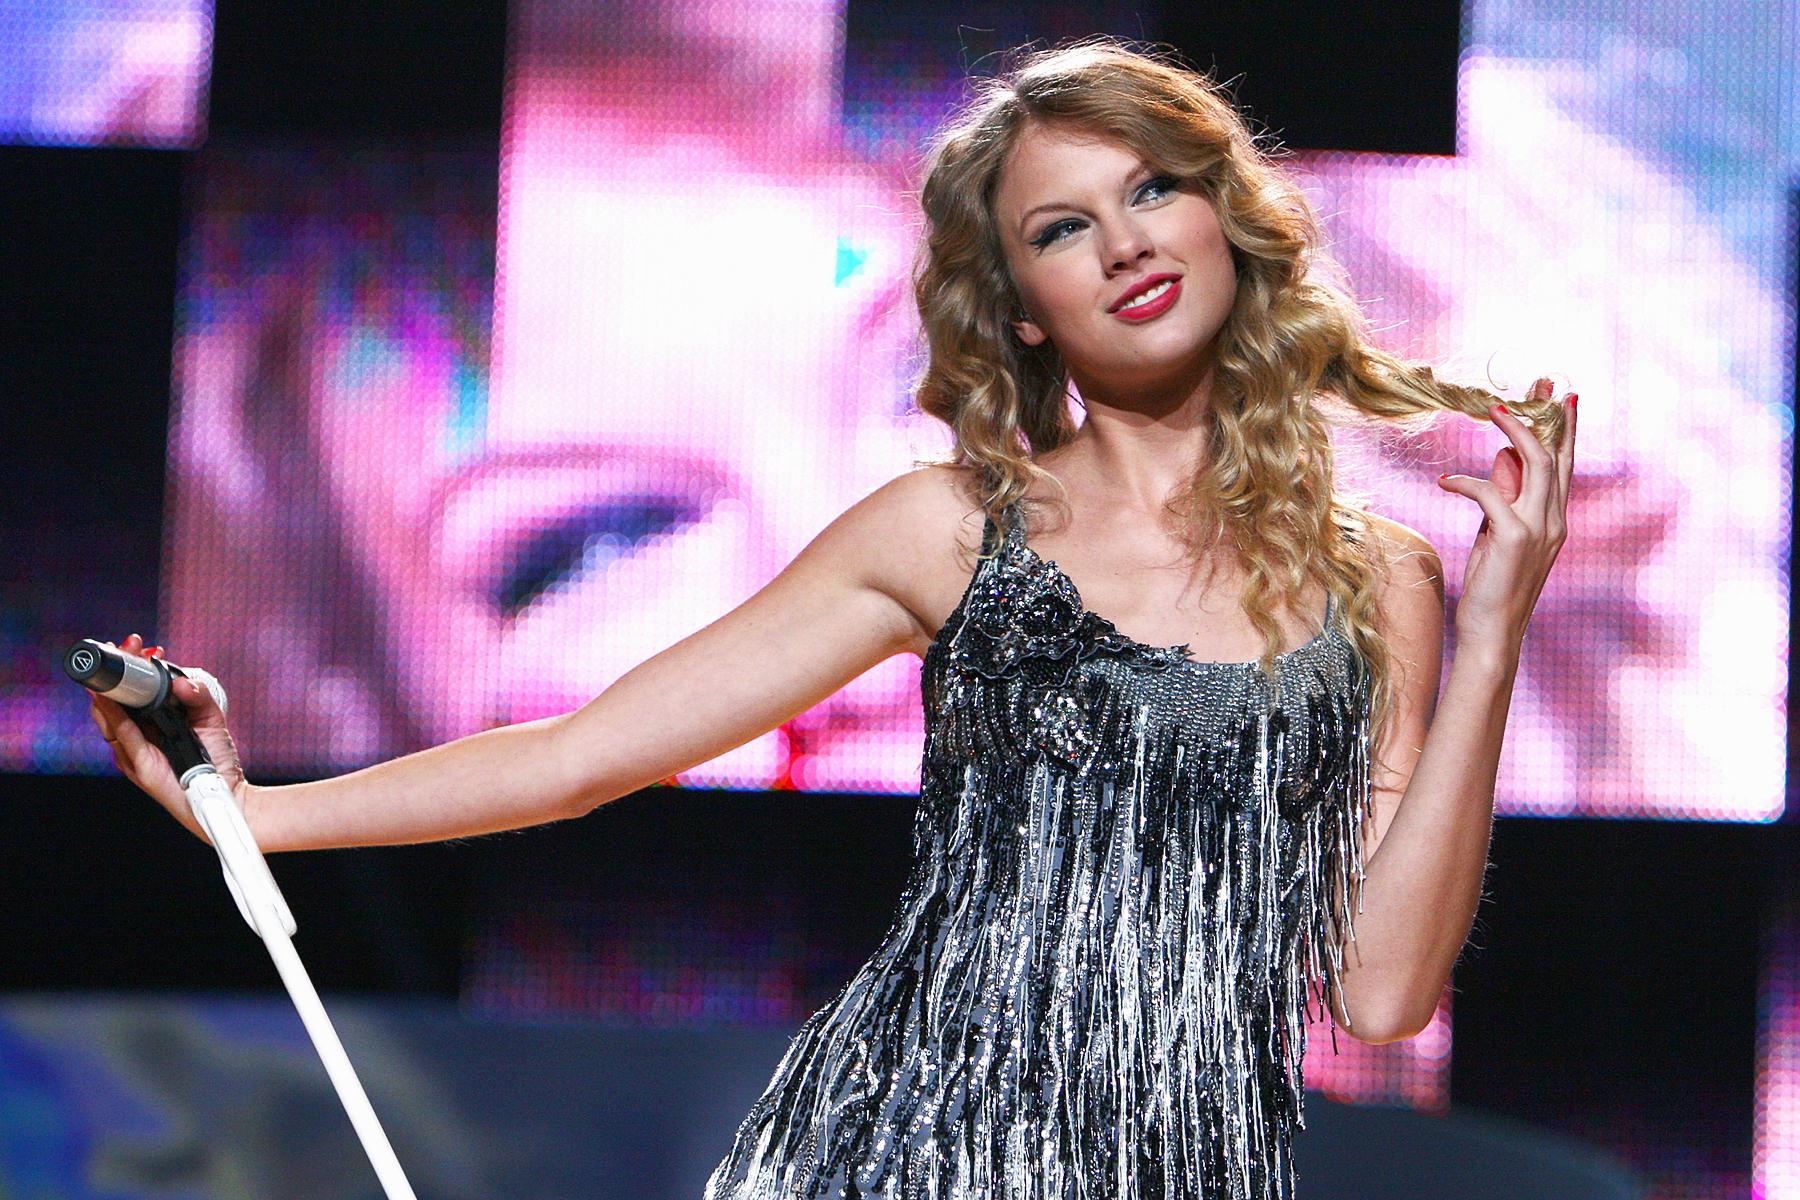 ded89ba9431 Taylor Swift